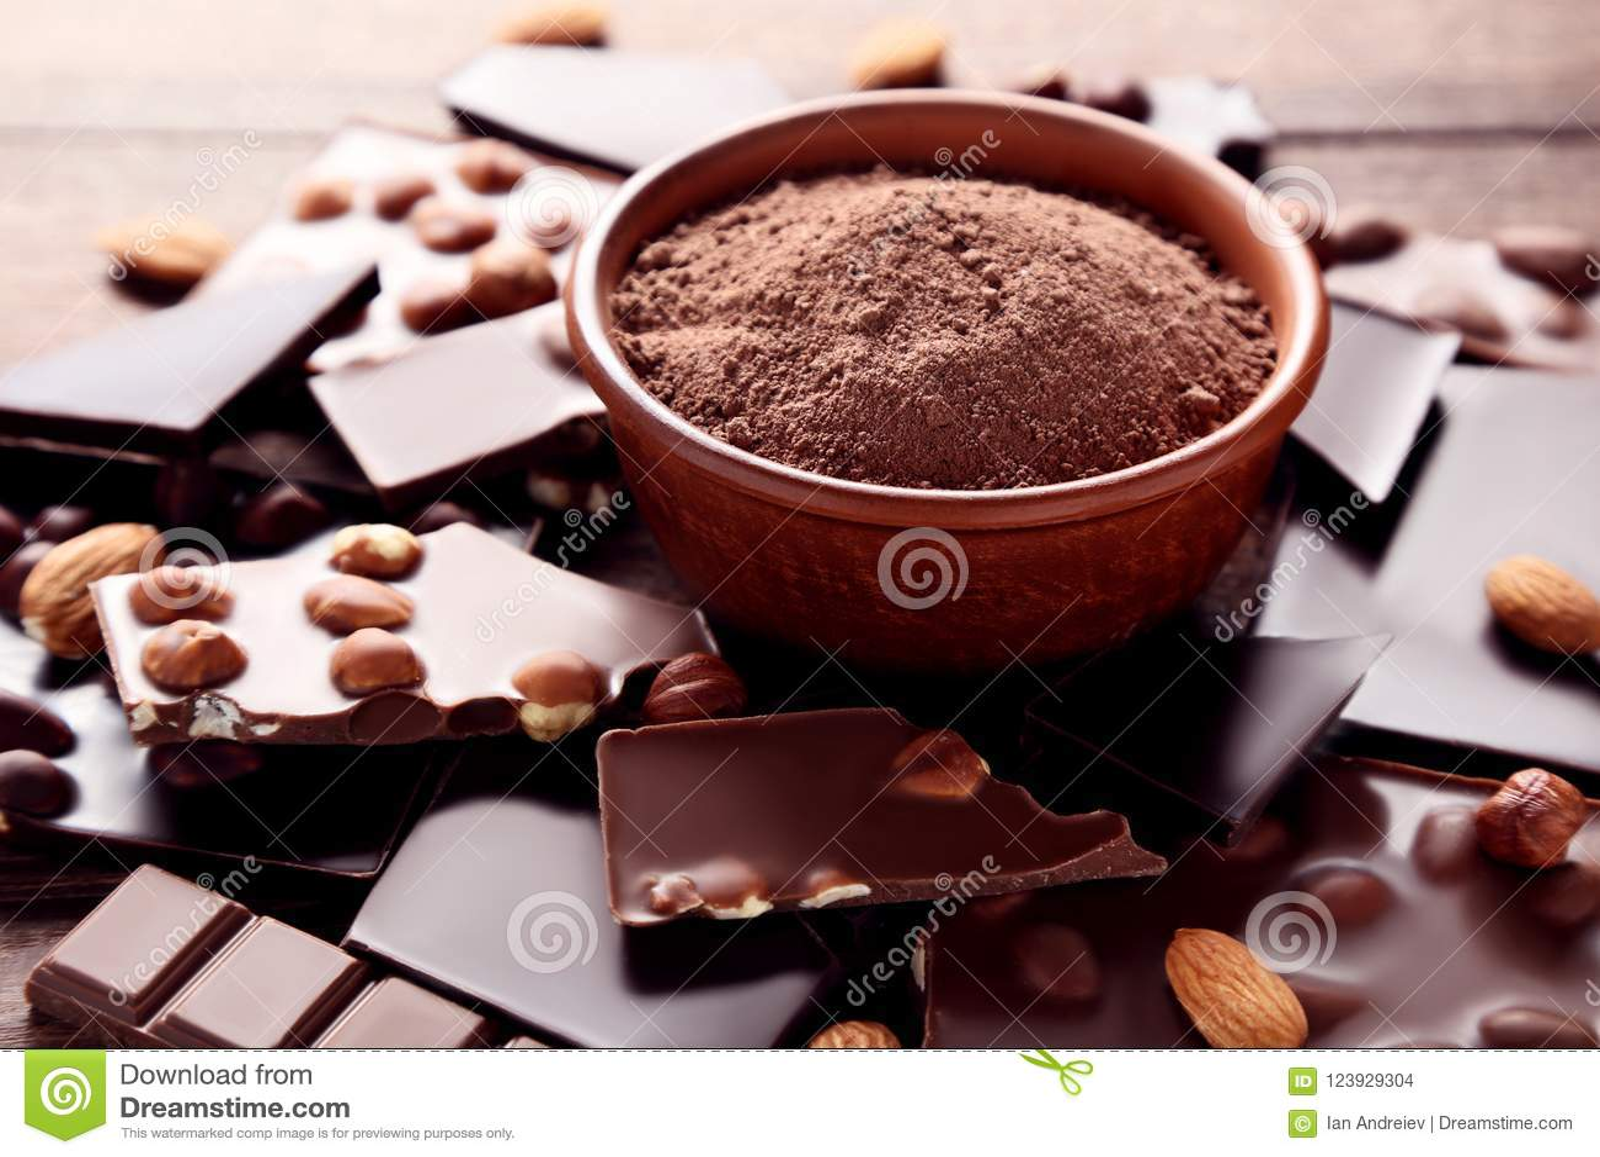 Schokolade mit Kakaopulver